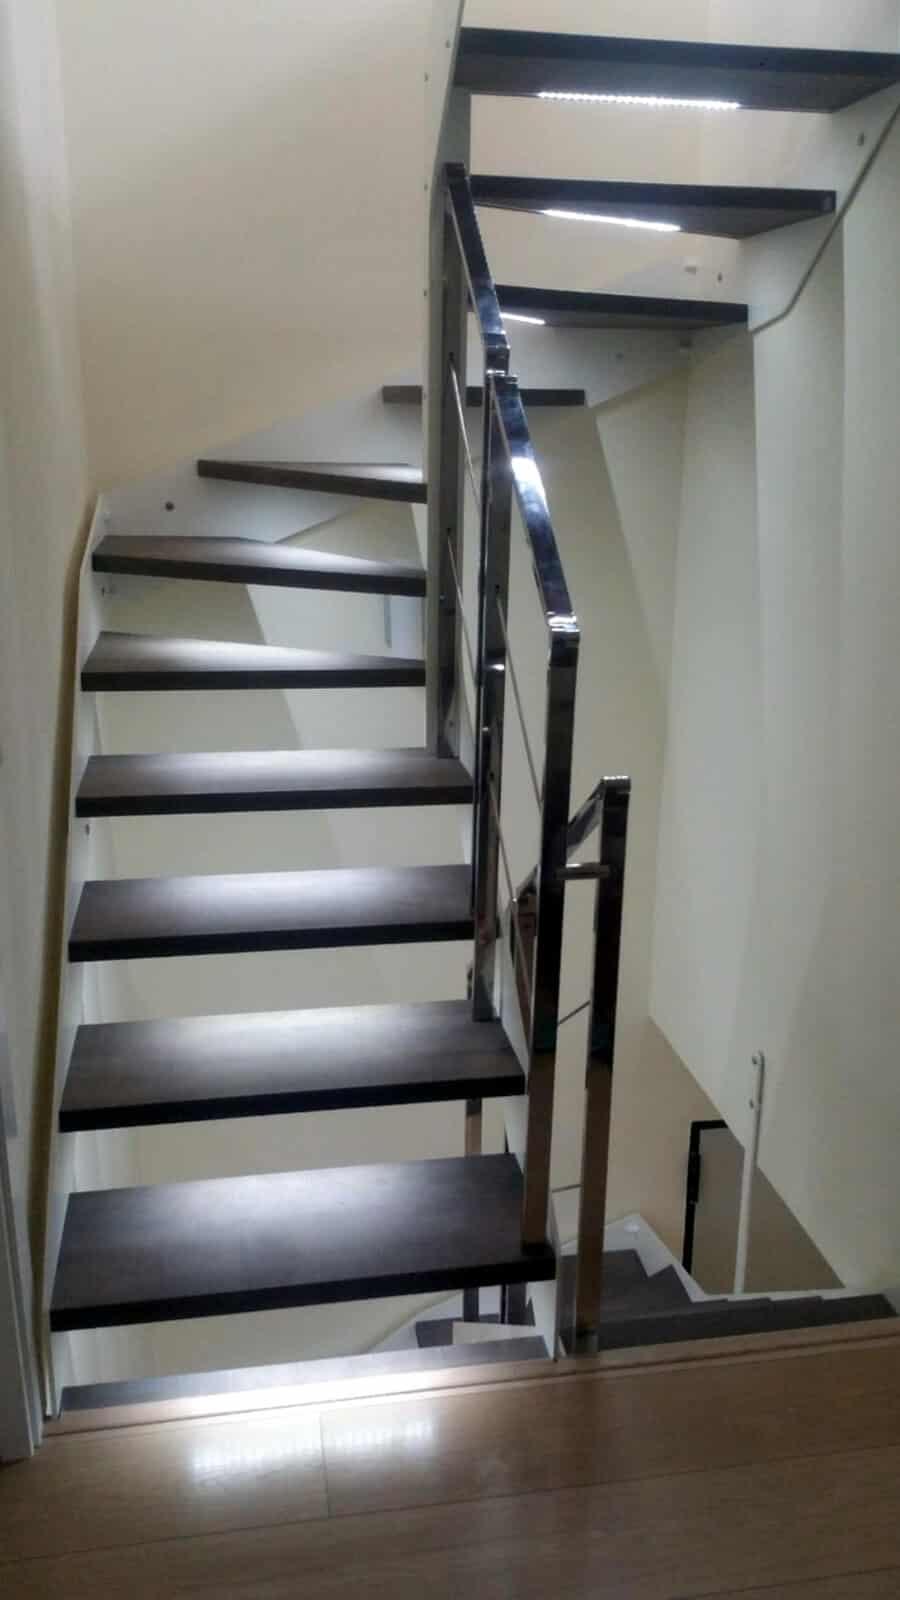 Escalera metálica con barandilla en acero inoxidable y peldaños de madera